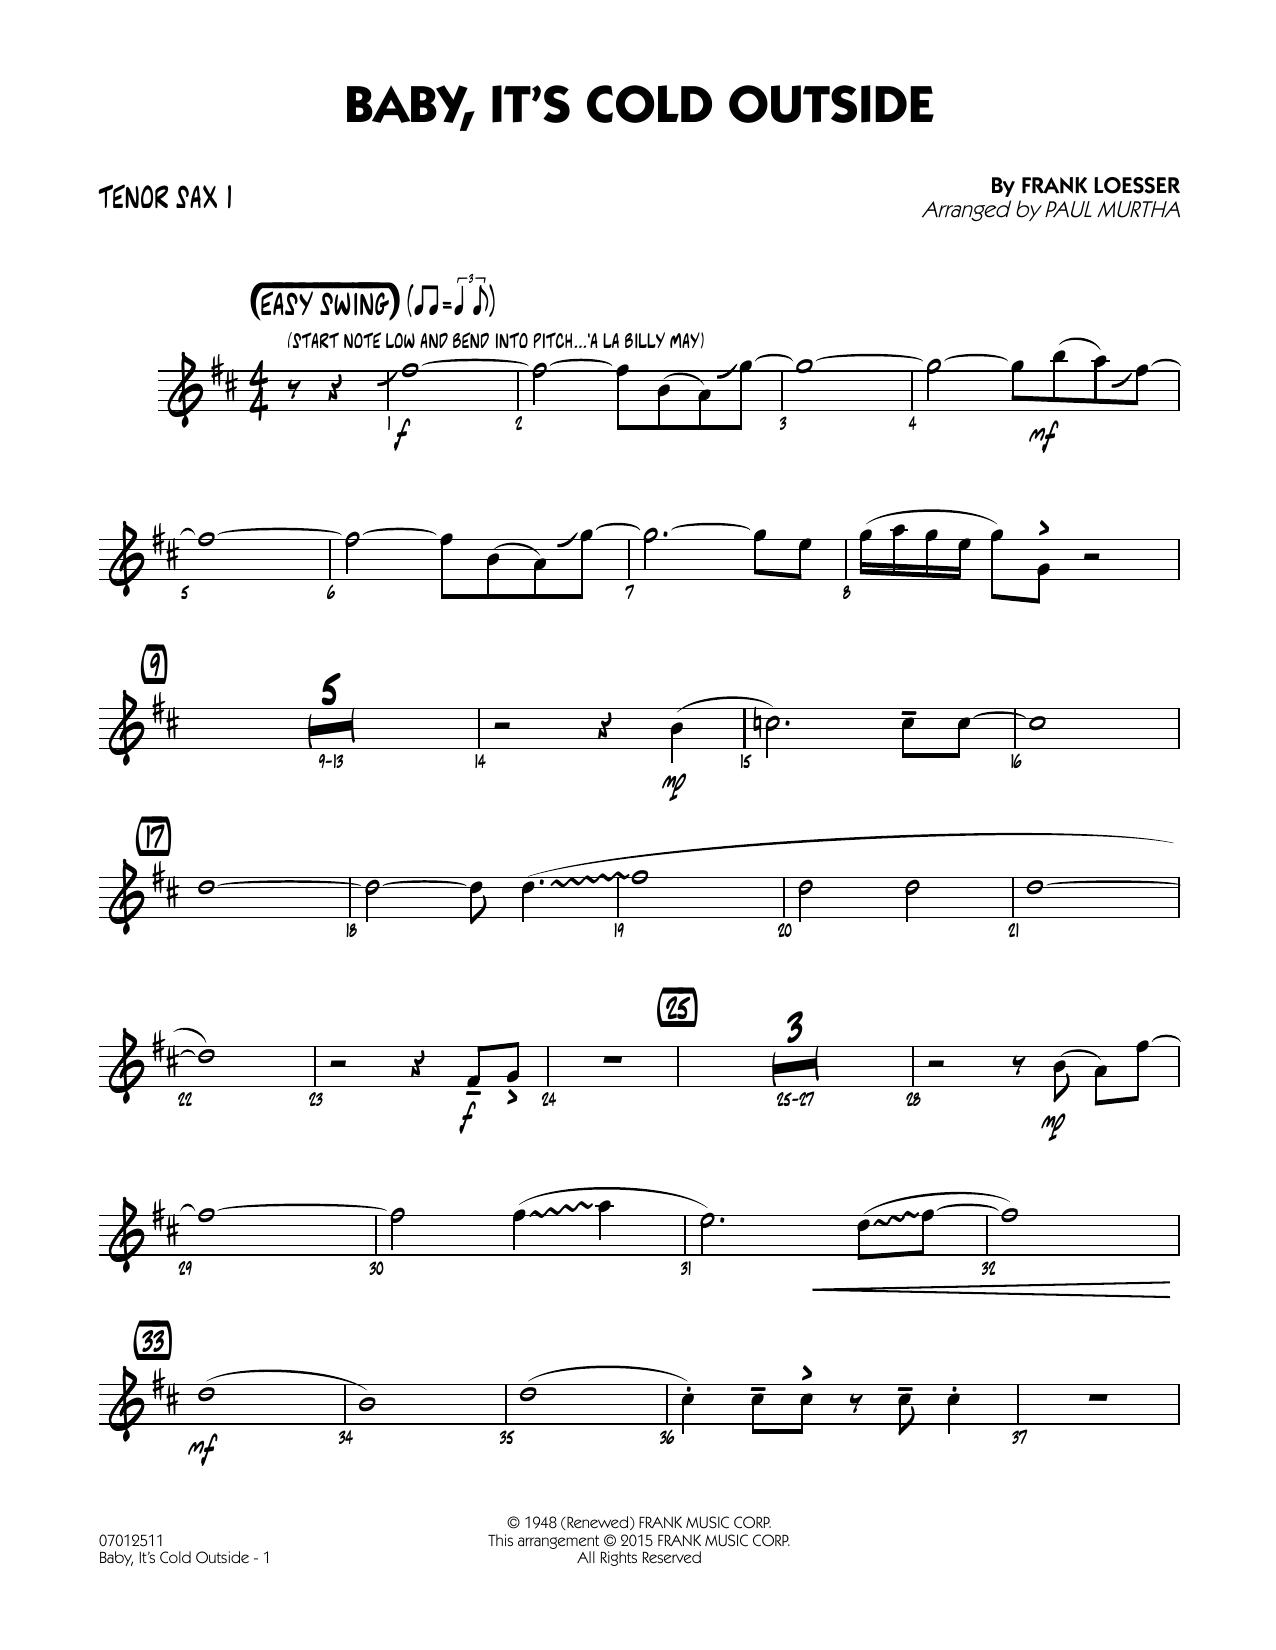 Baby, It's Cold Outside (Key: C) - Tenor Sax 1 (Jazz Ensemble)